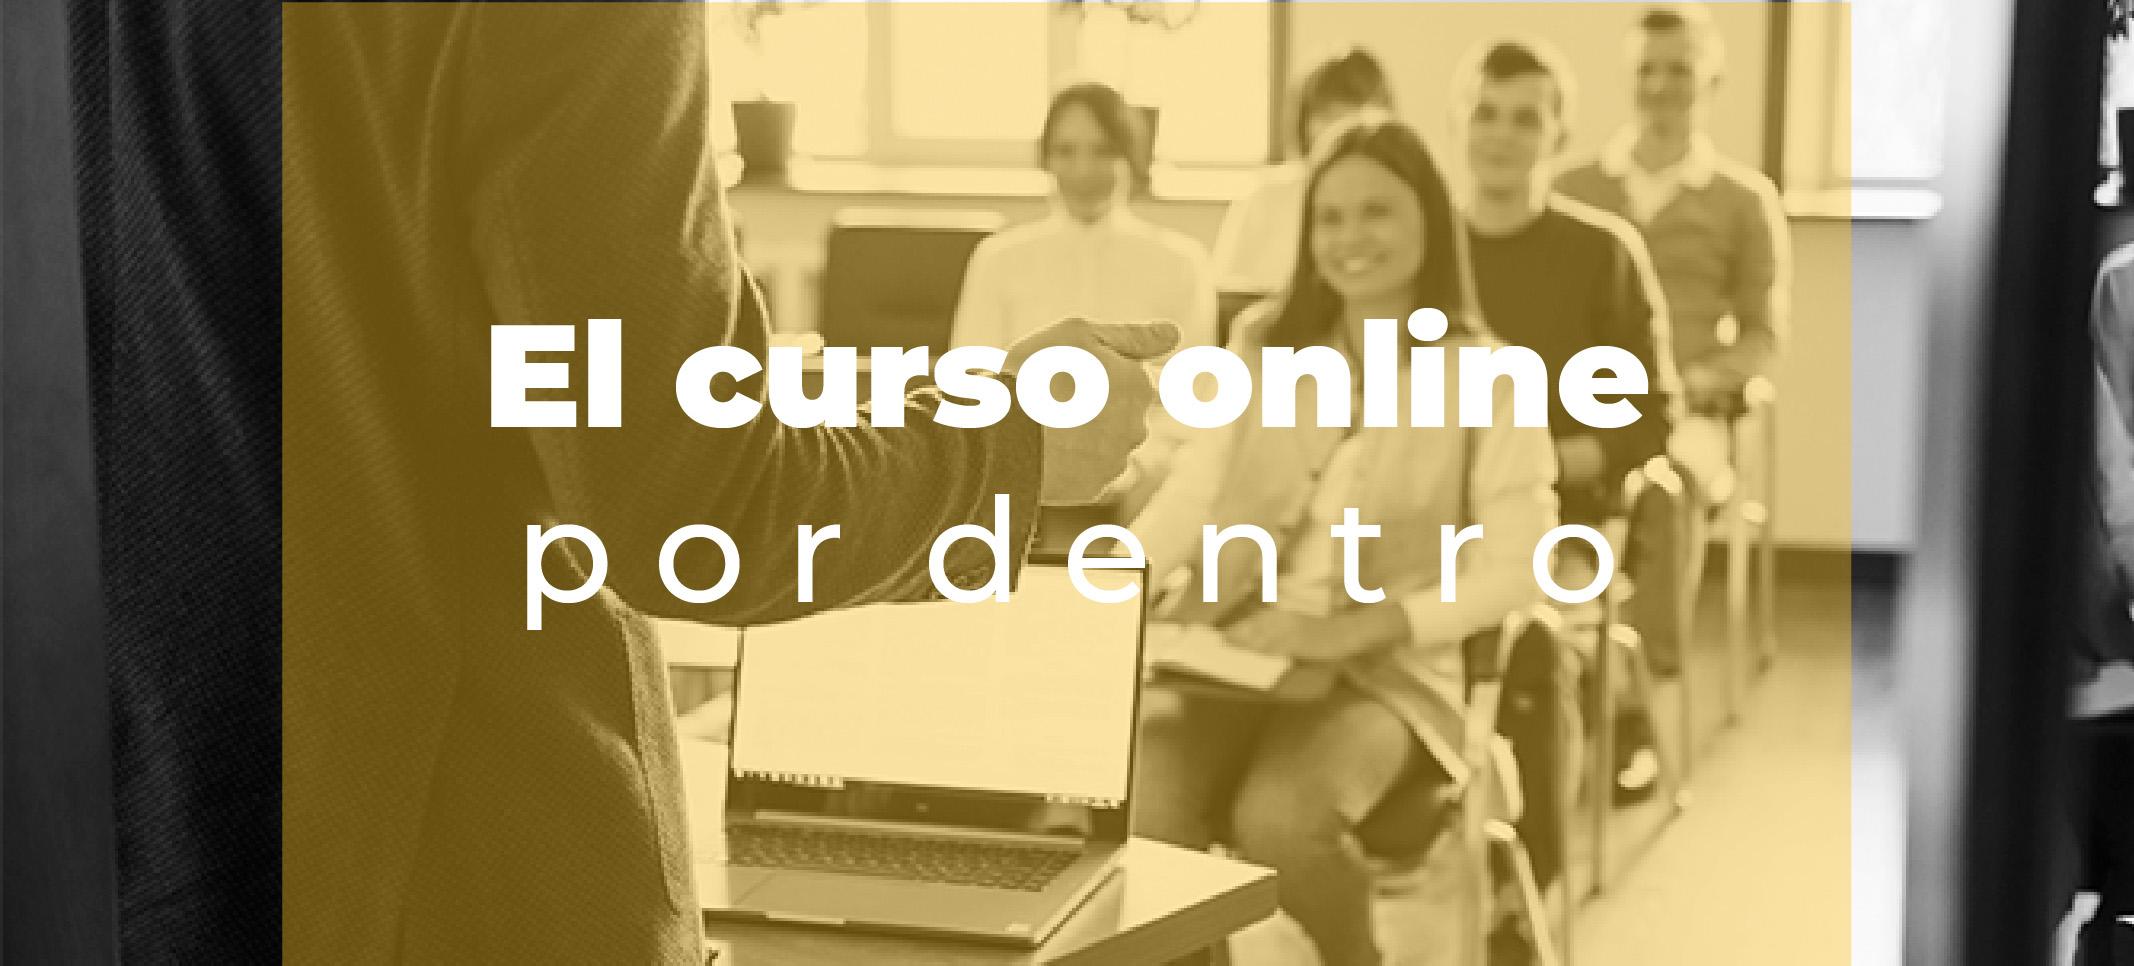 Curso online de Correos por dentro